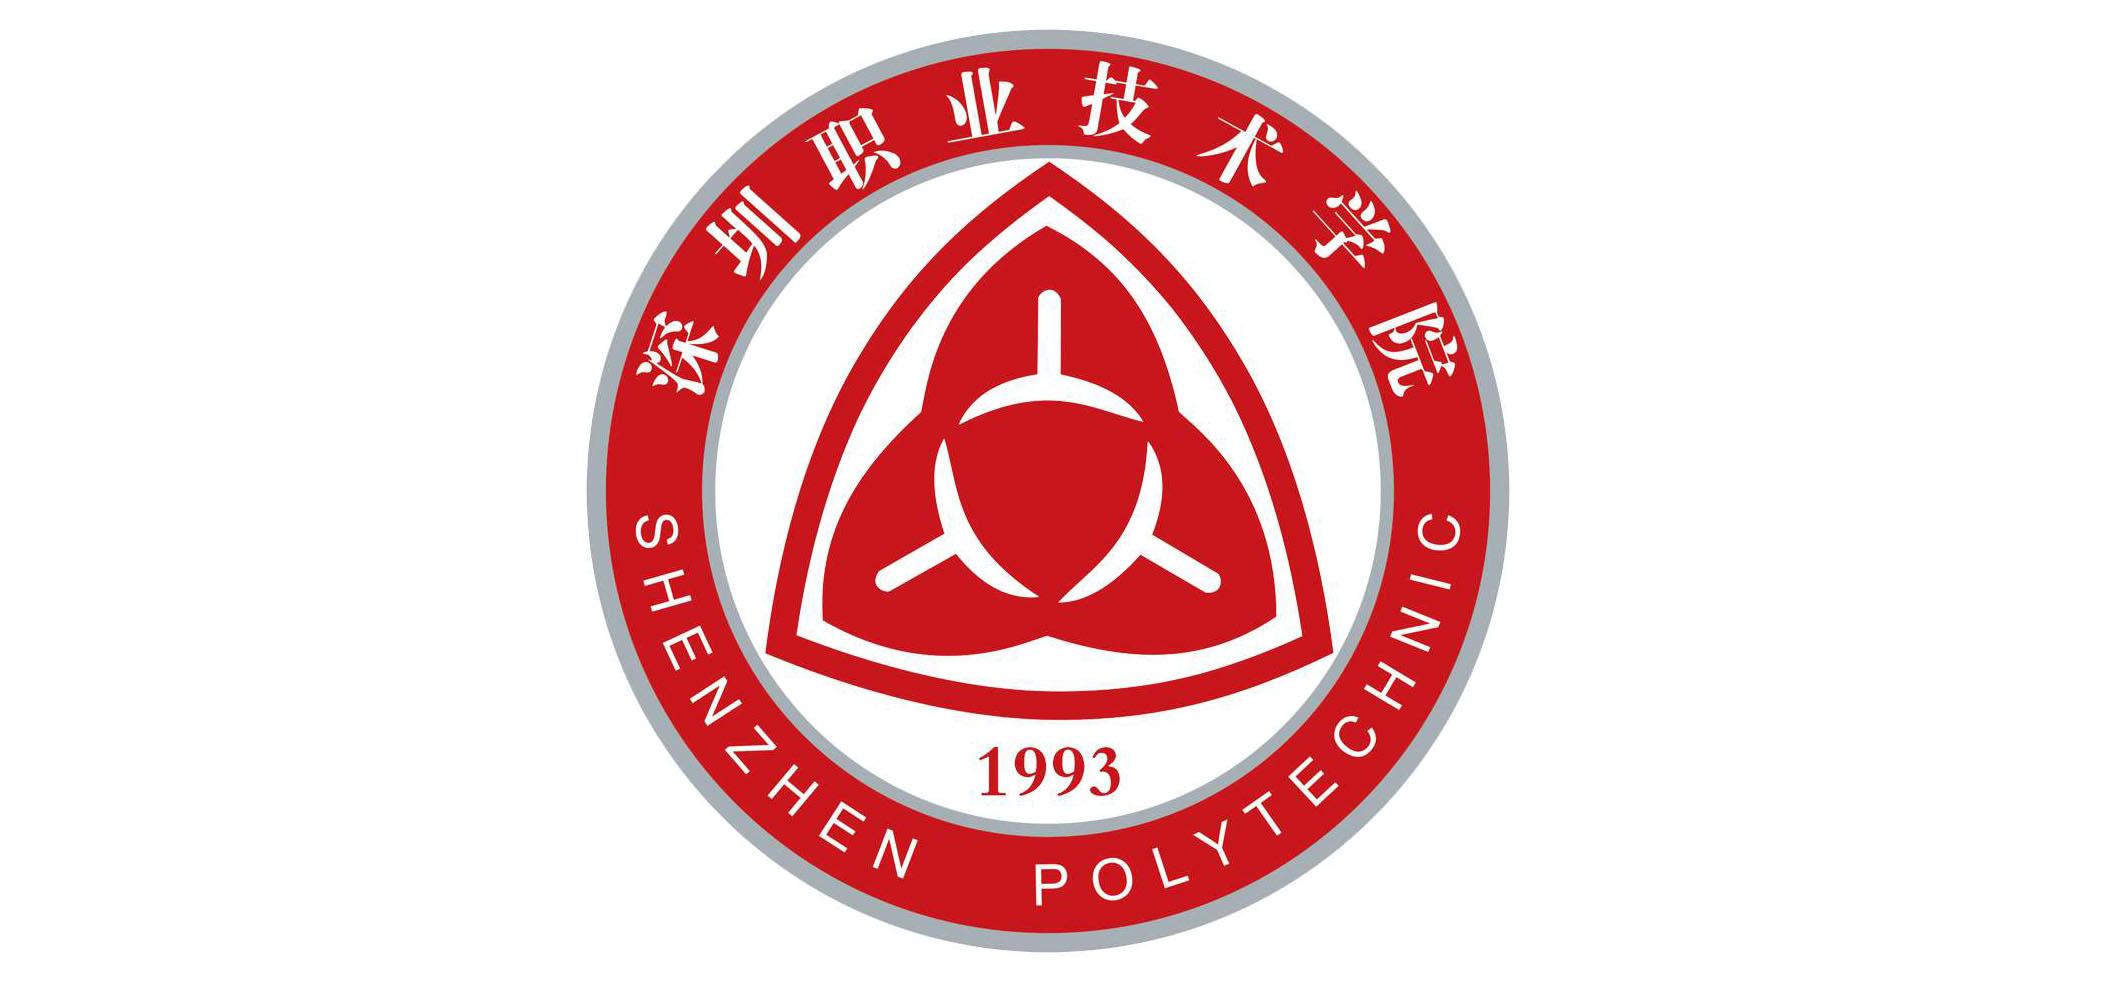 合作客户:深圳职业技术学院